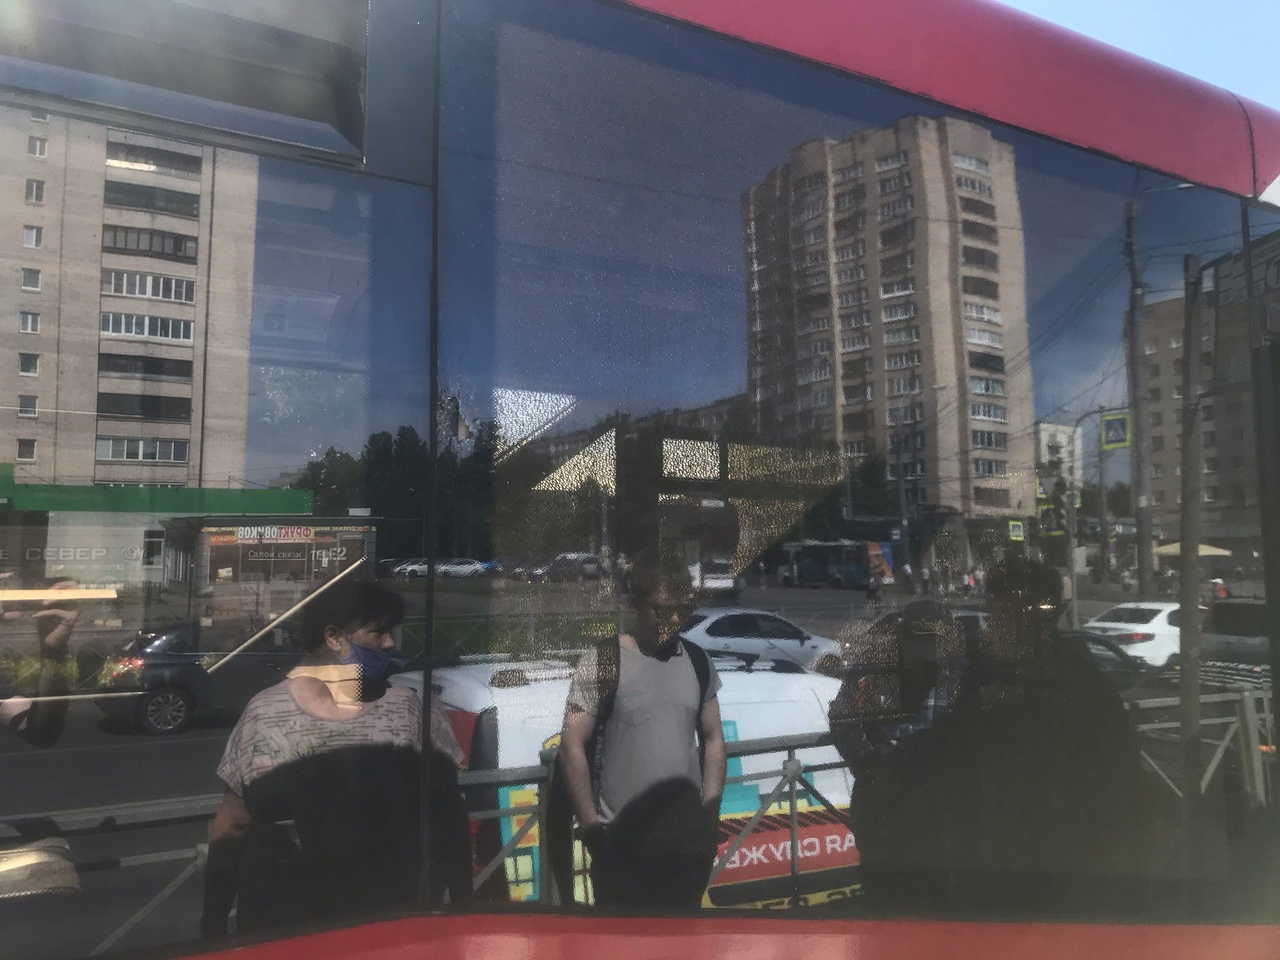 Пробито стекло у трамвая. Обстоятельства ЧП выясняются. Трамваи на улице Димитрова в сторону станции...